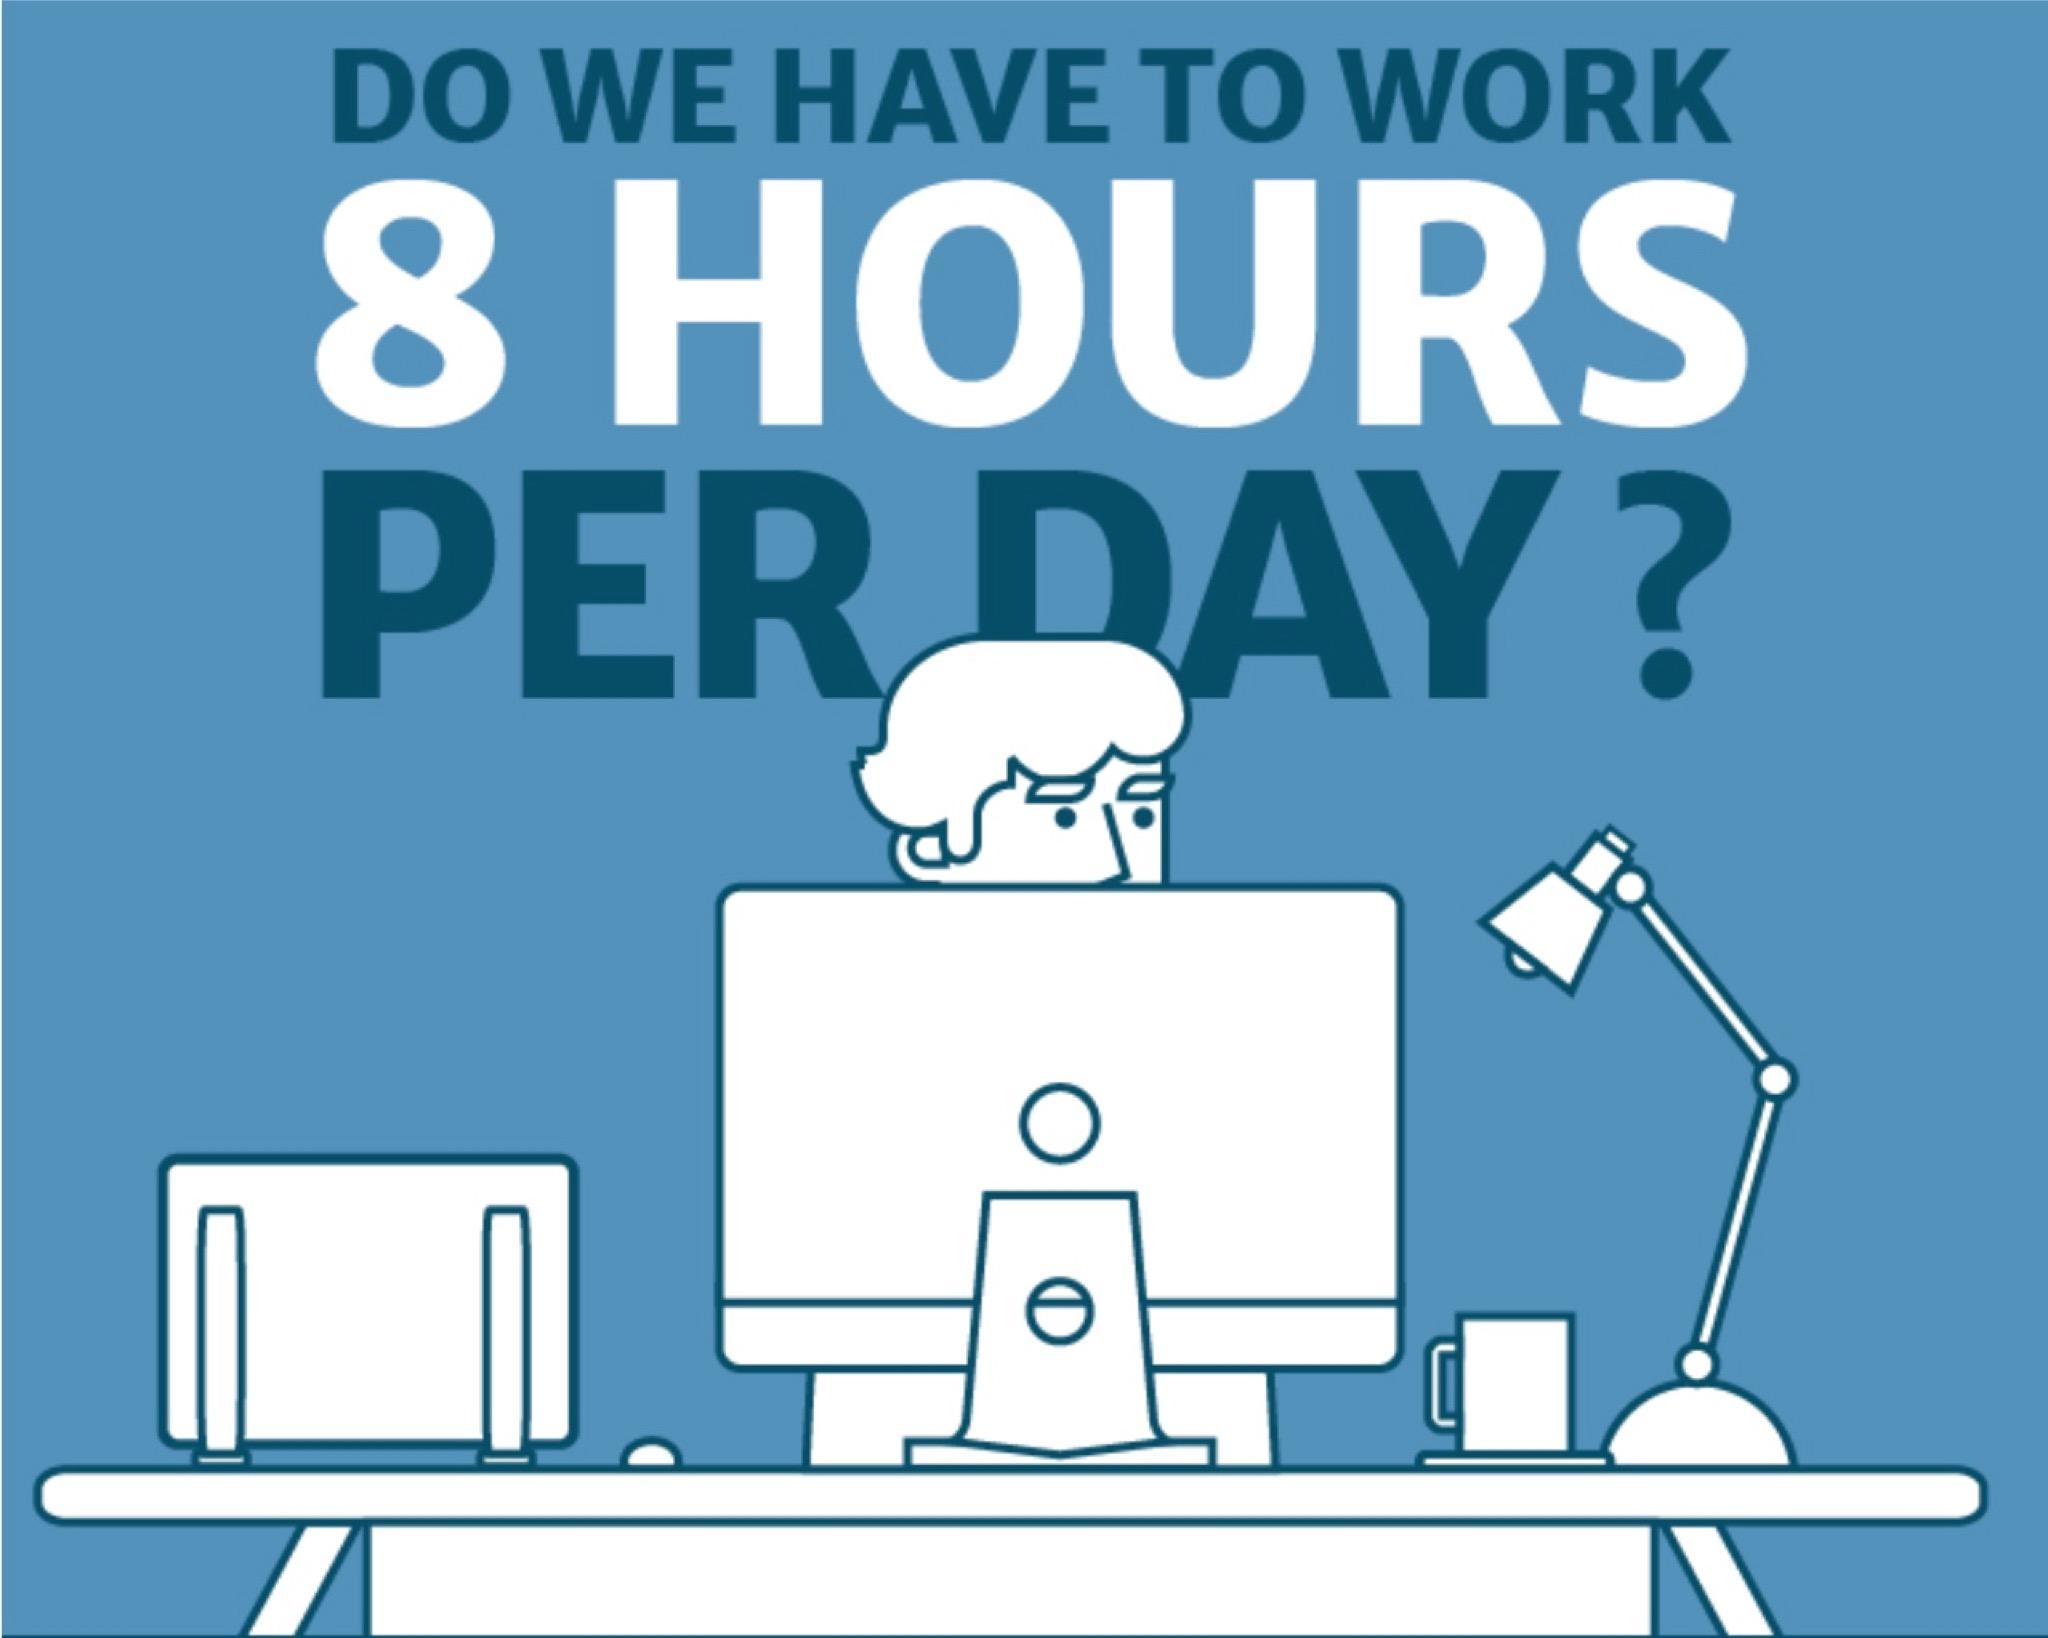 1日8時間労働が健全か不健全か